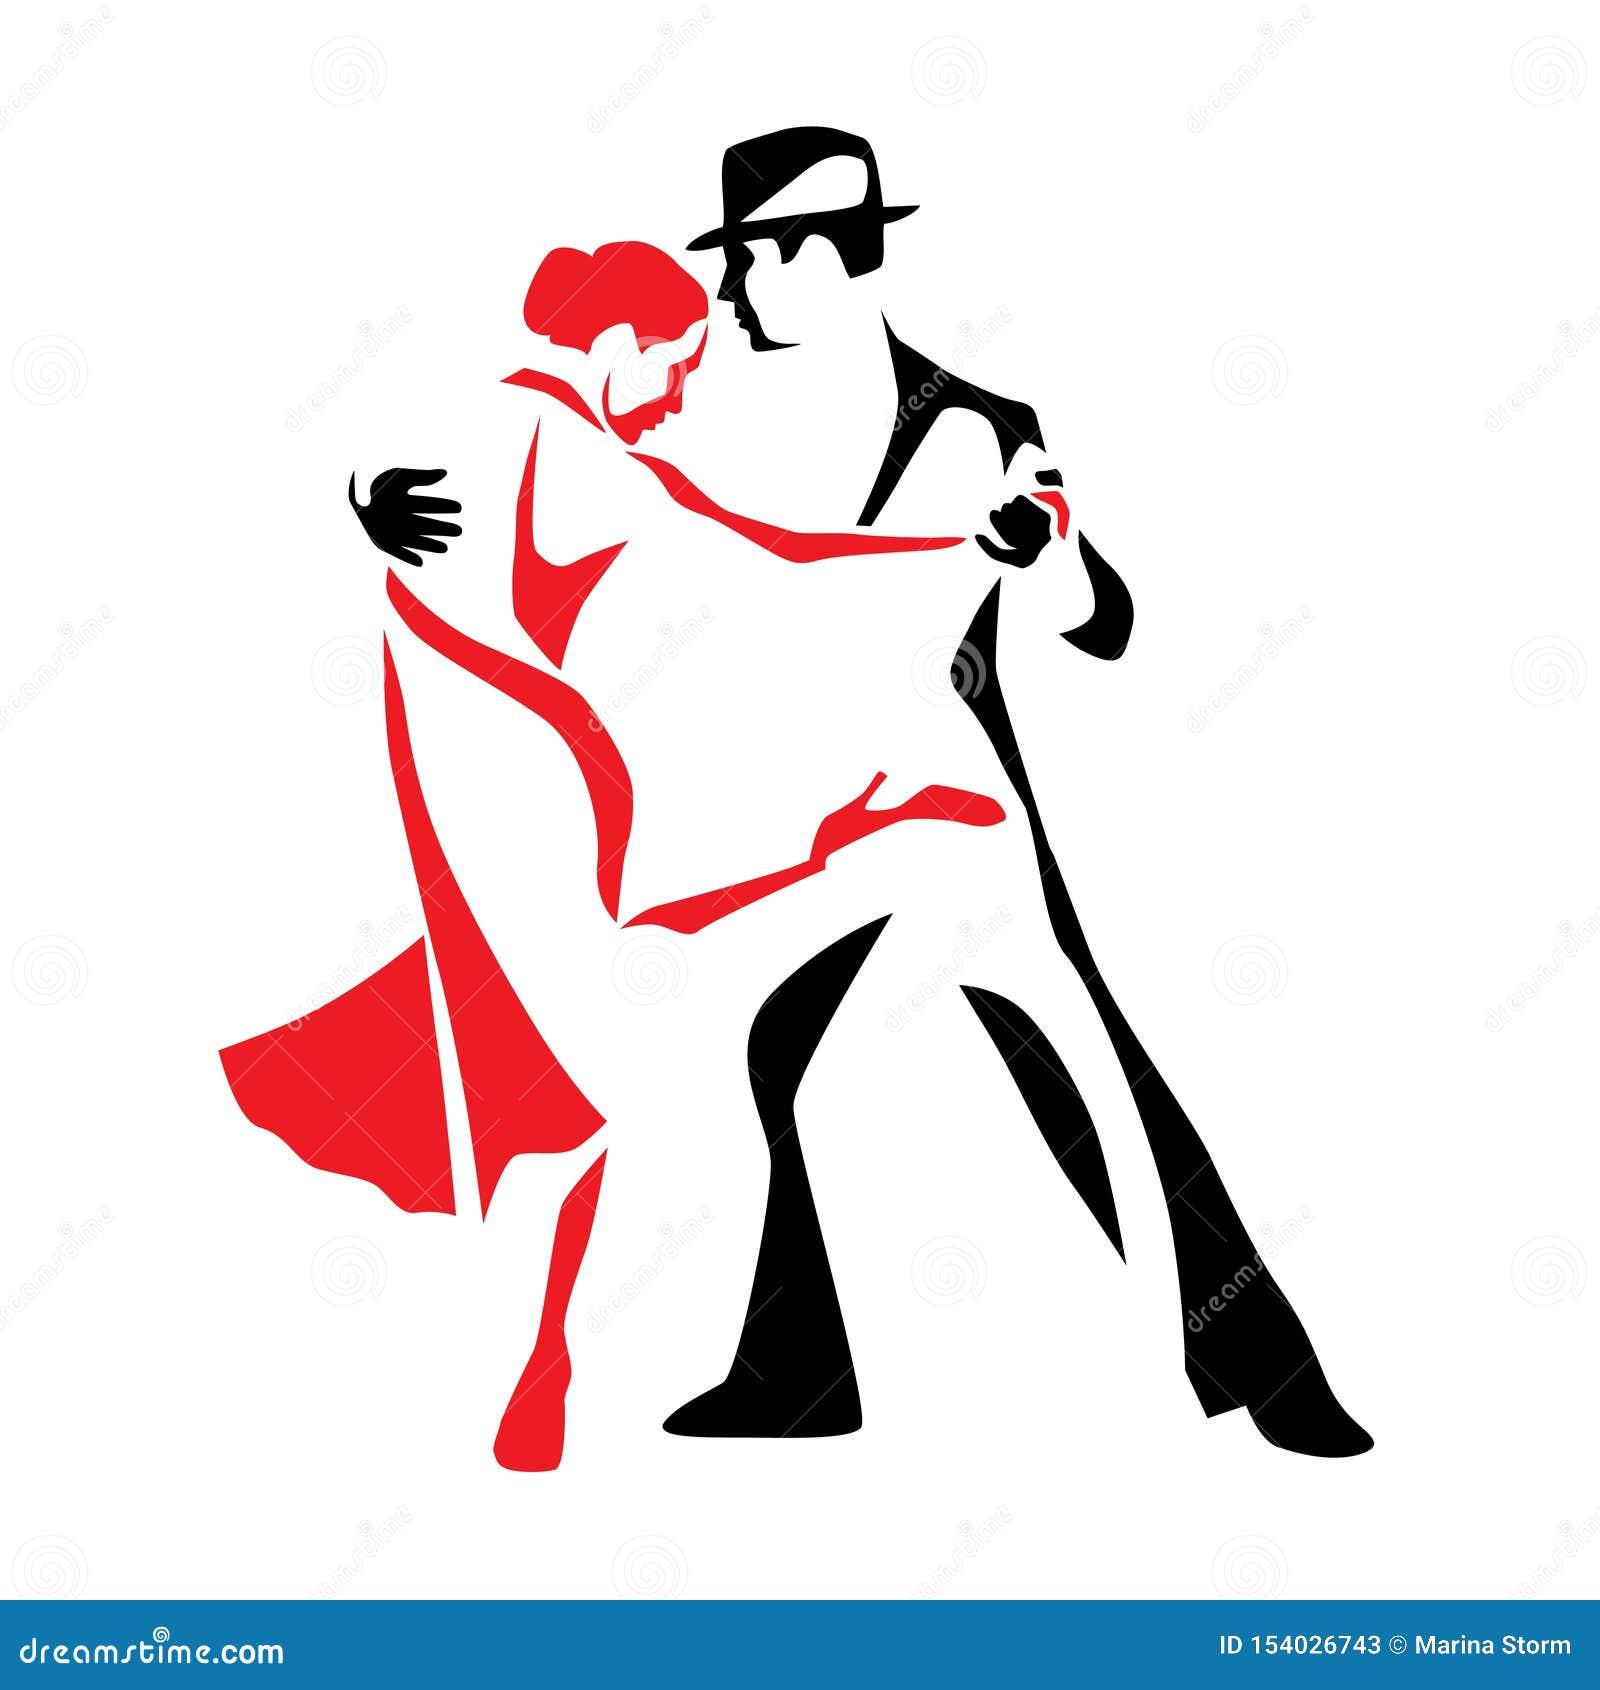 De man en de vrouwen vectorillustratie van het tango dansende paar, embleem, pictogram